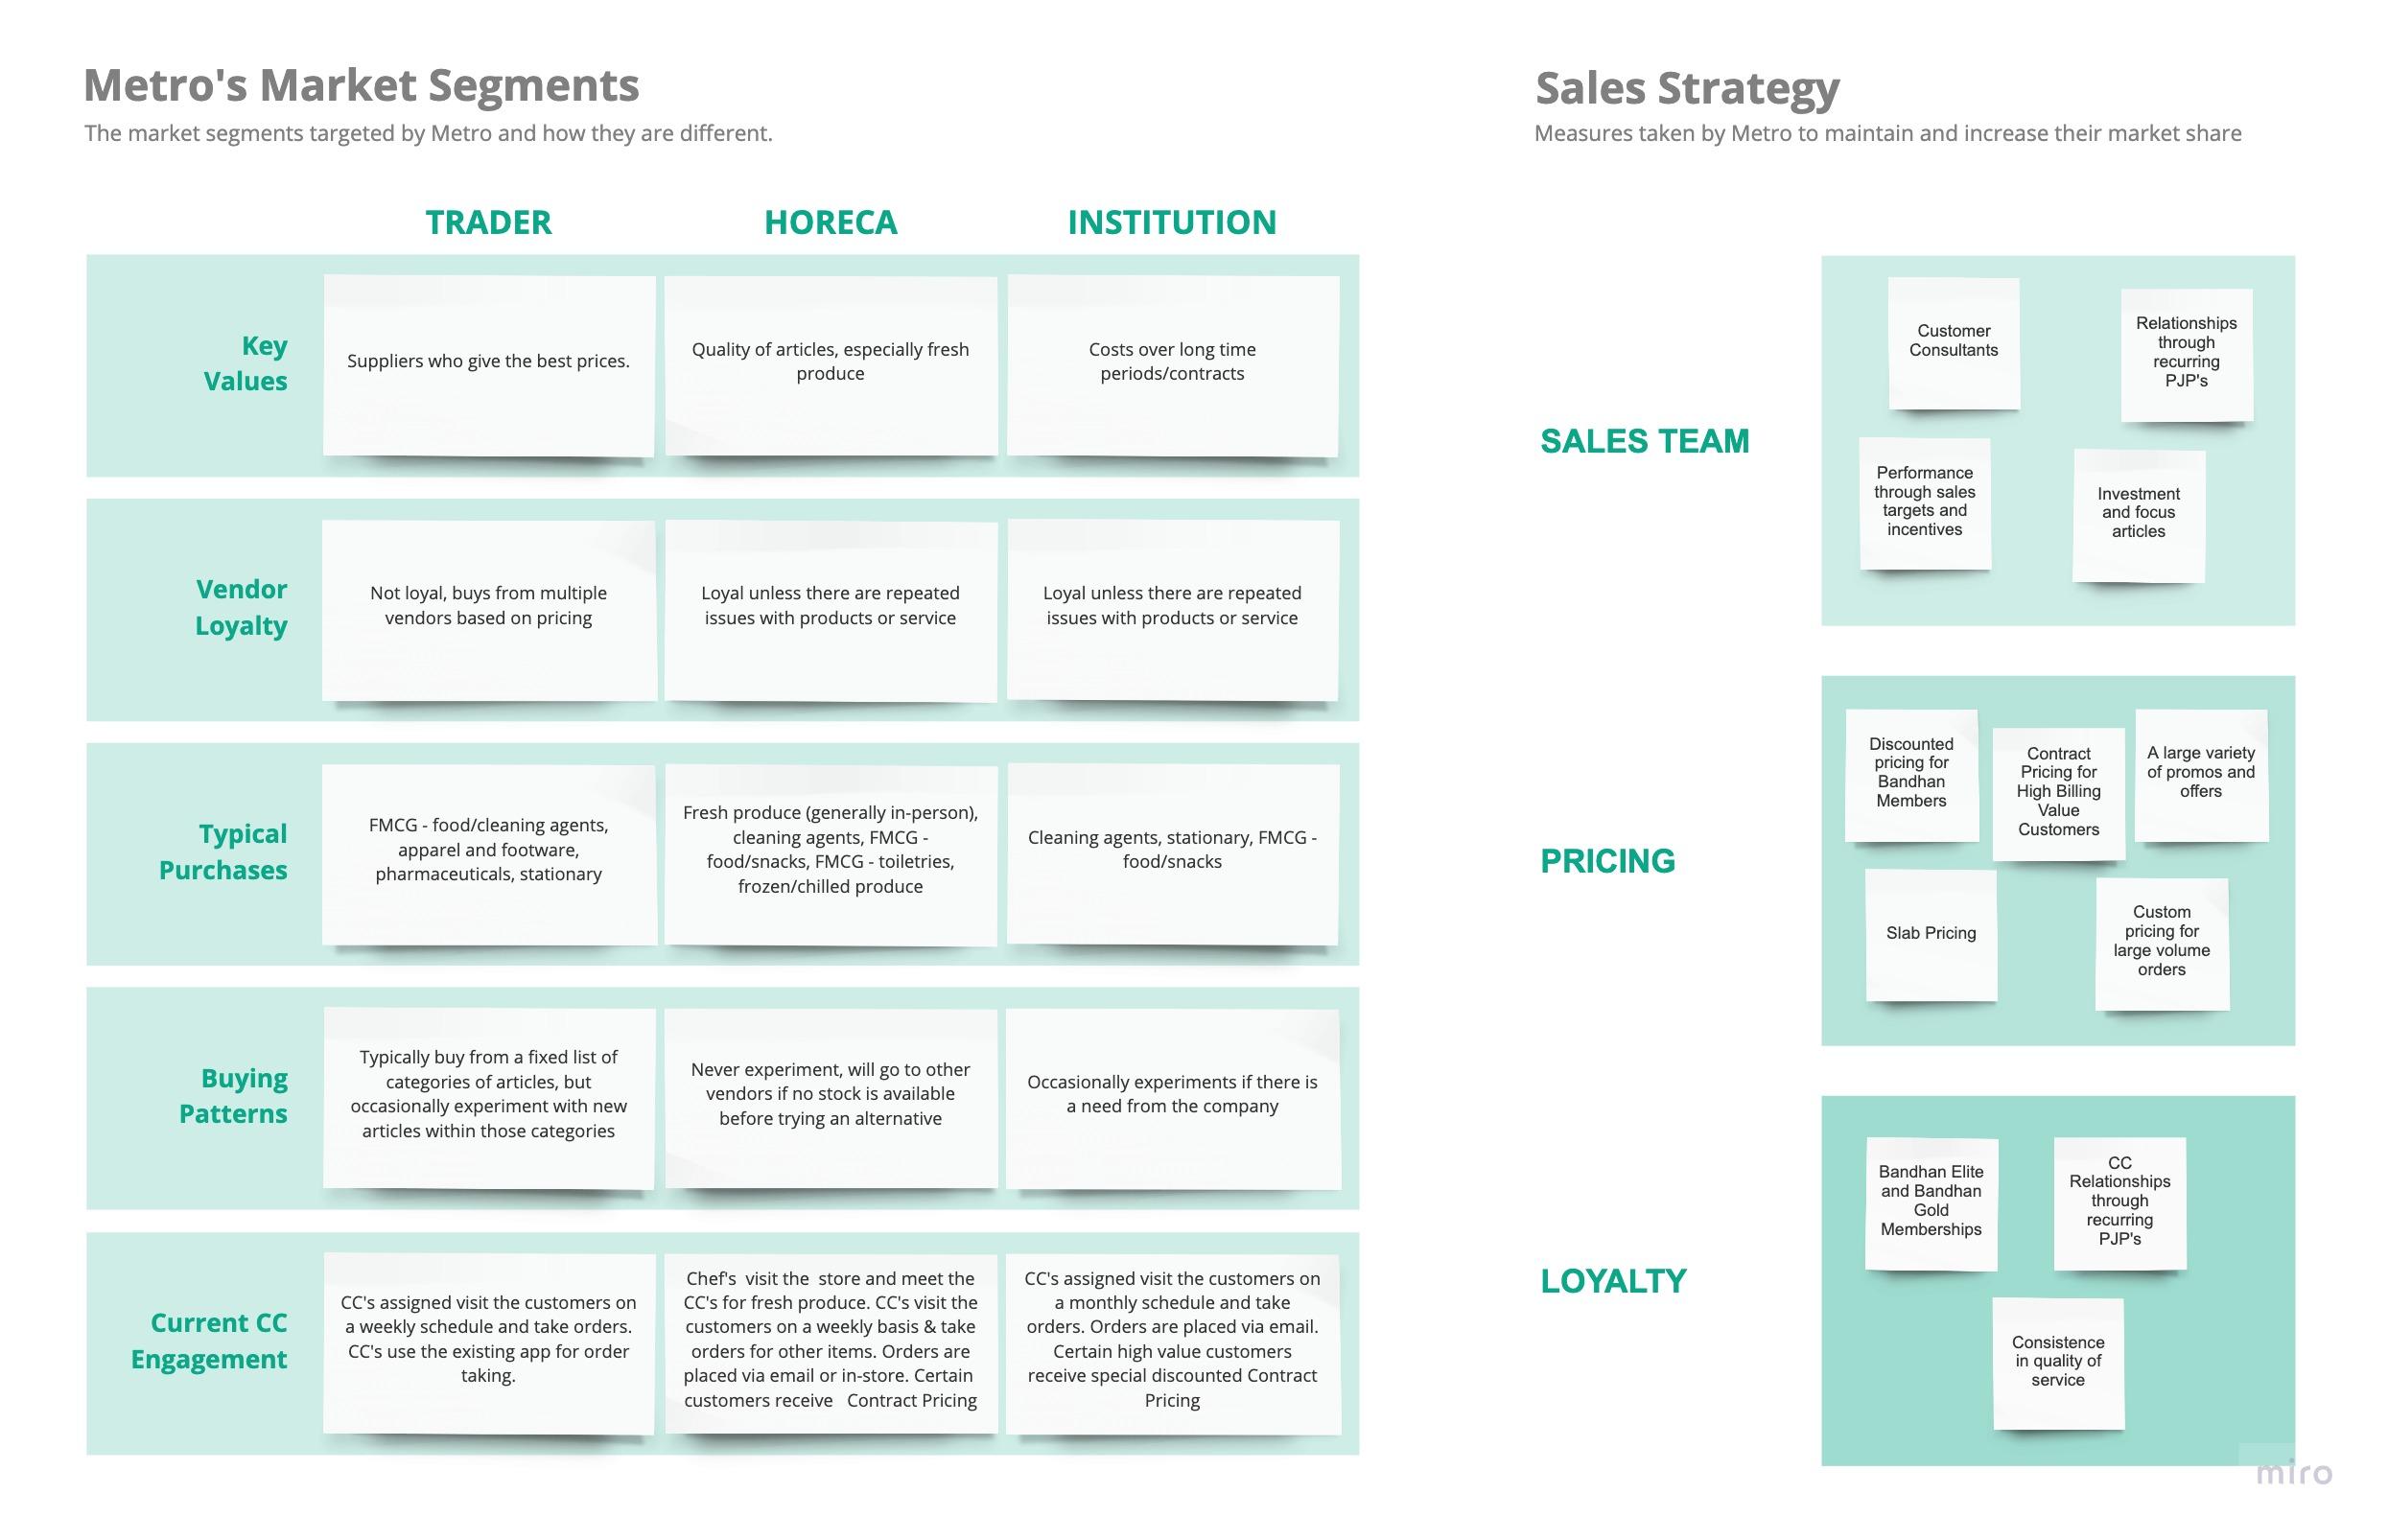 Understanding Metro's target sales segments